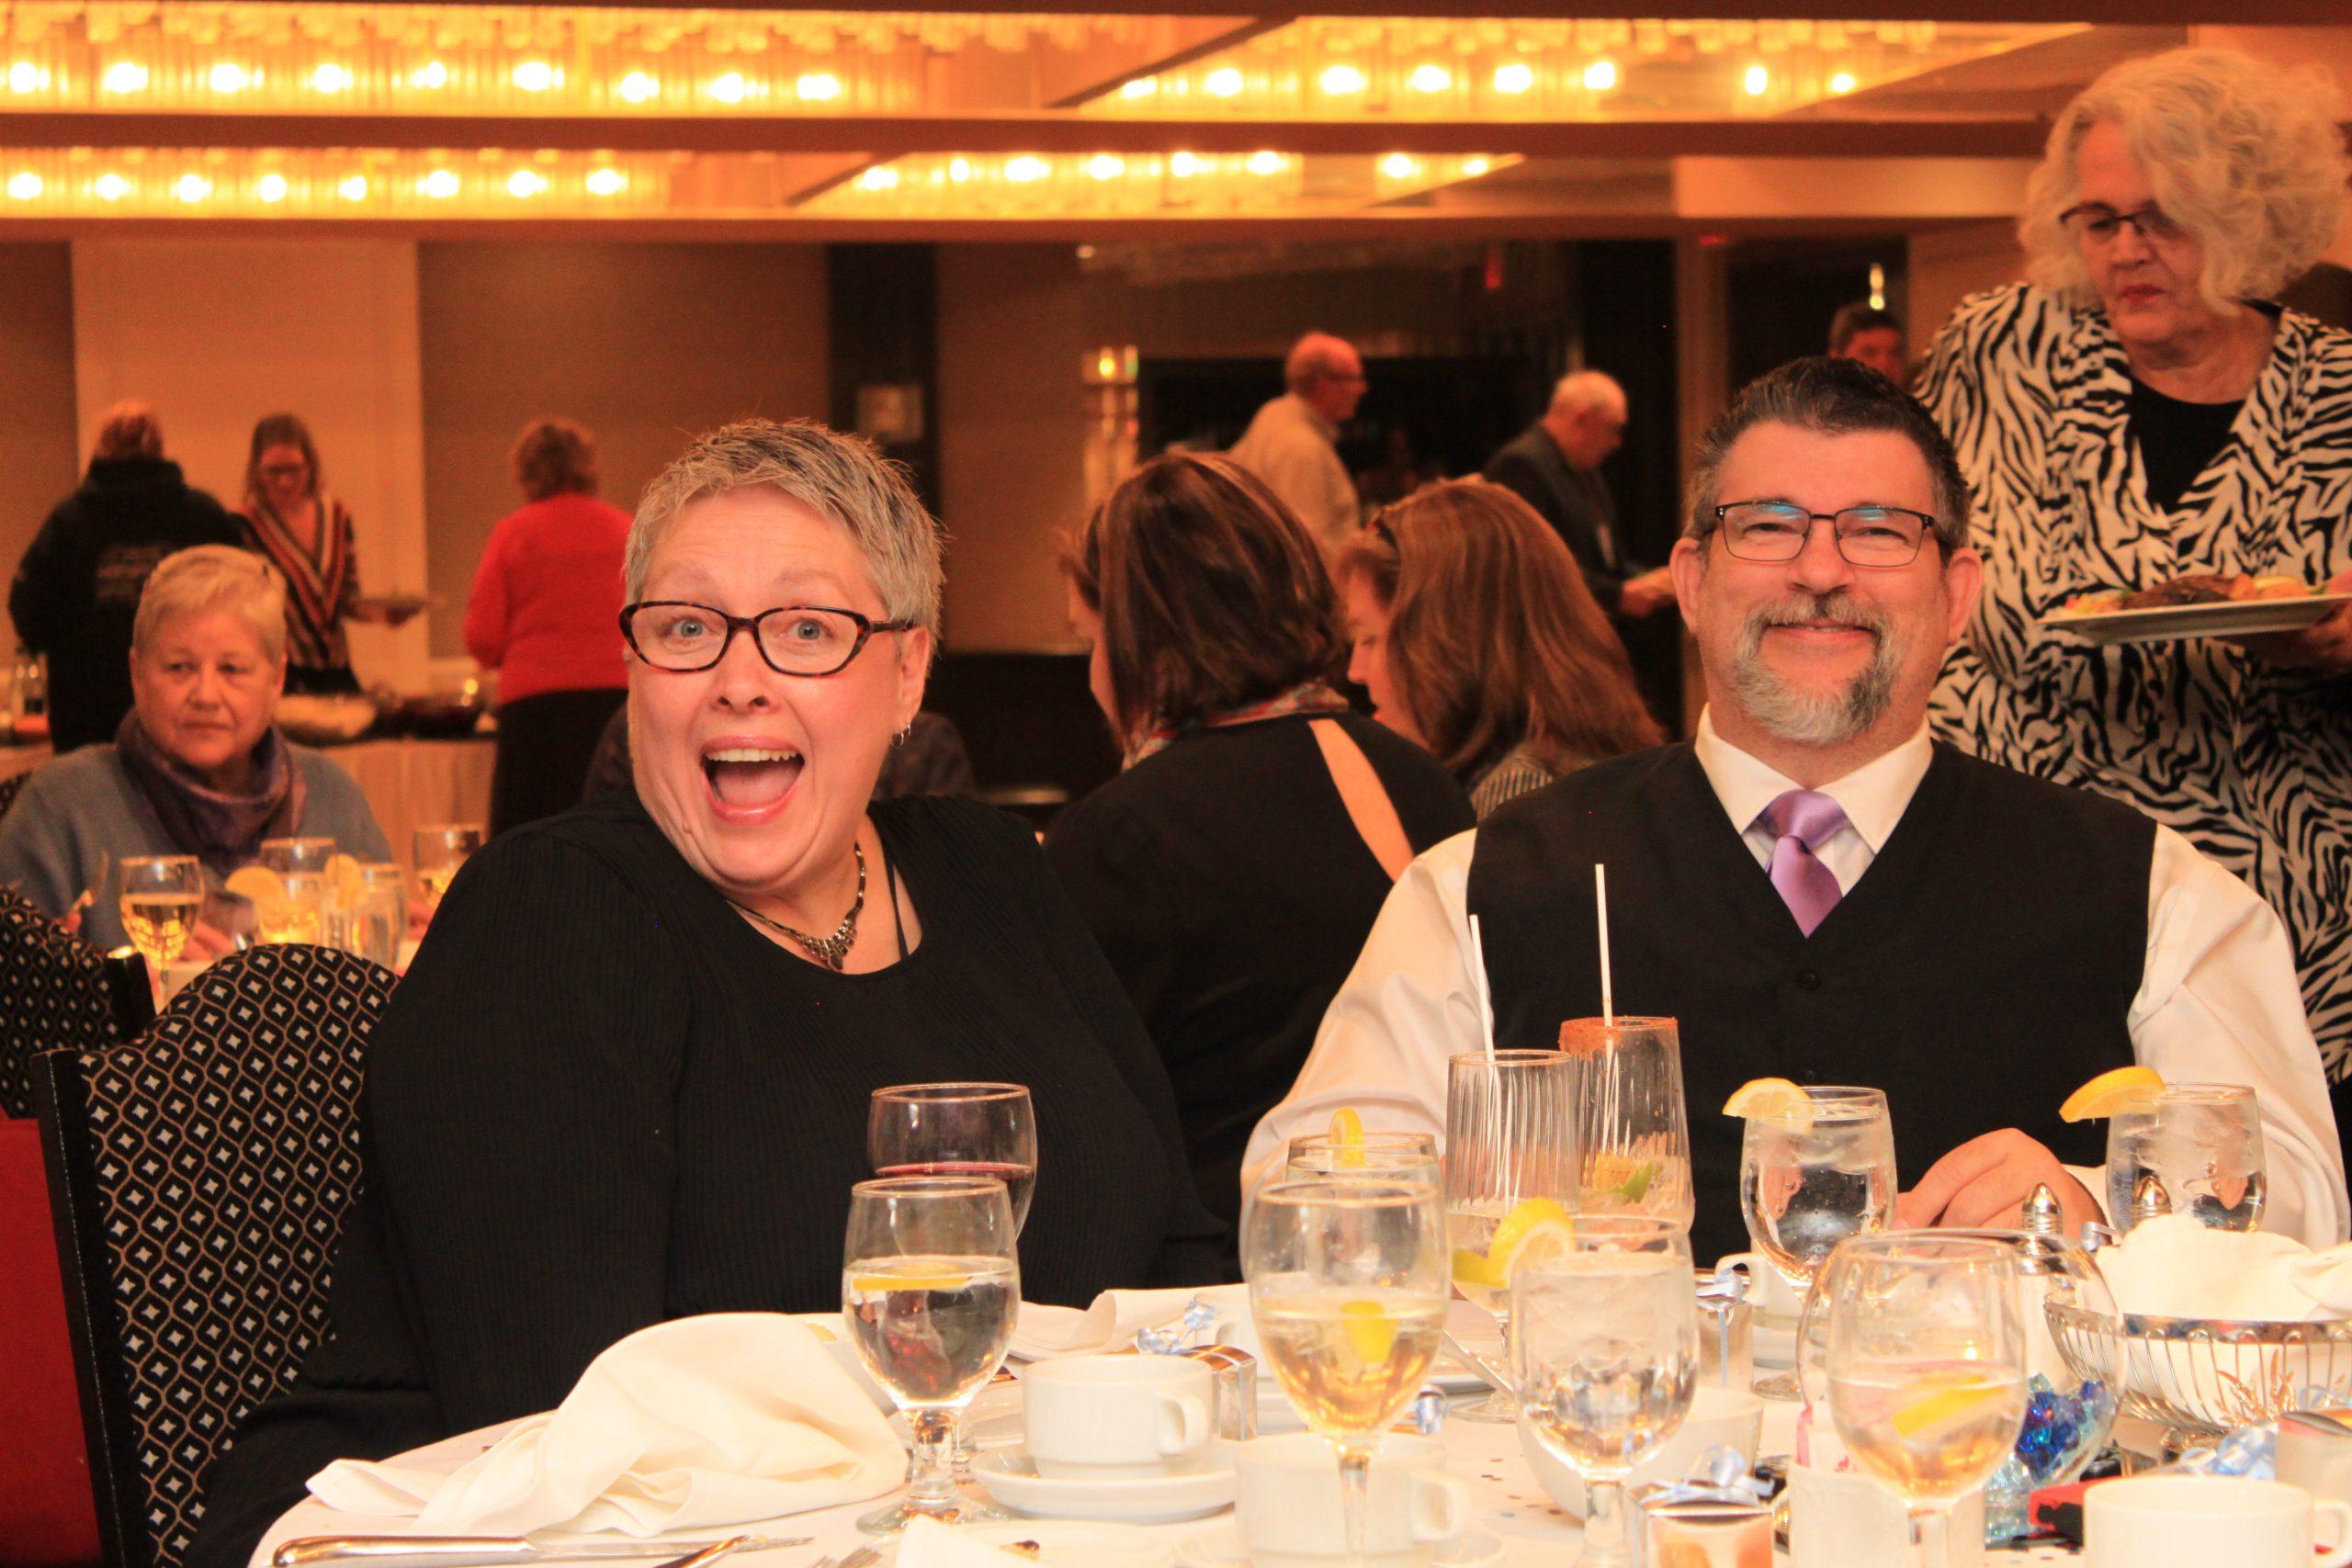 Lisa and John. Guests at Gala